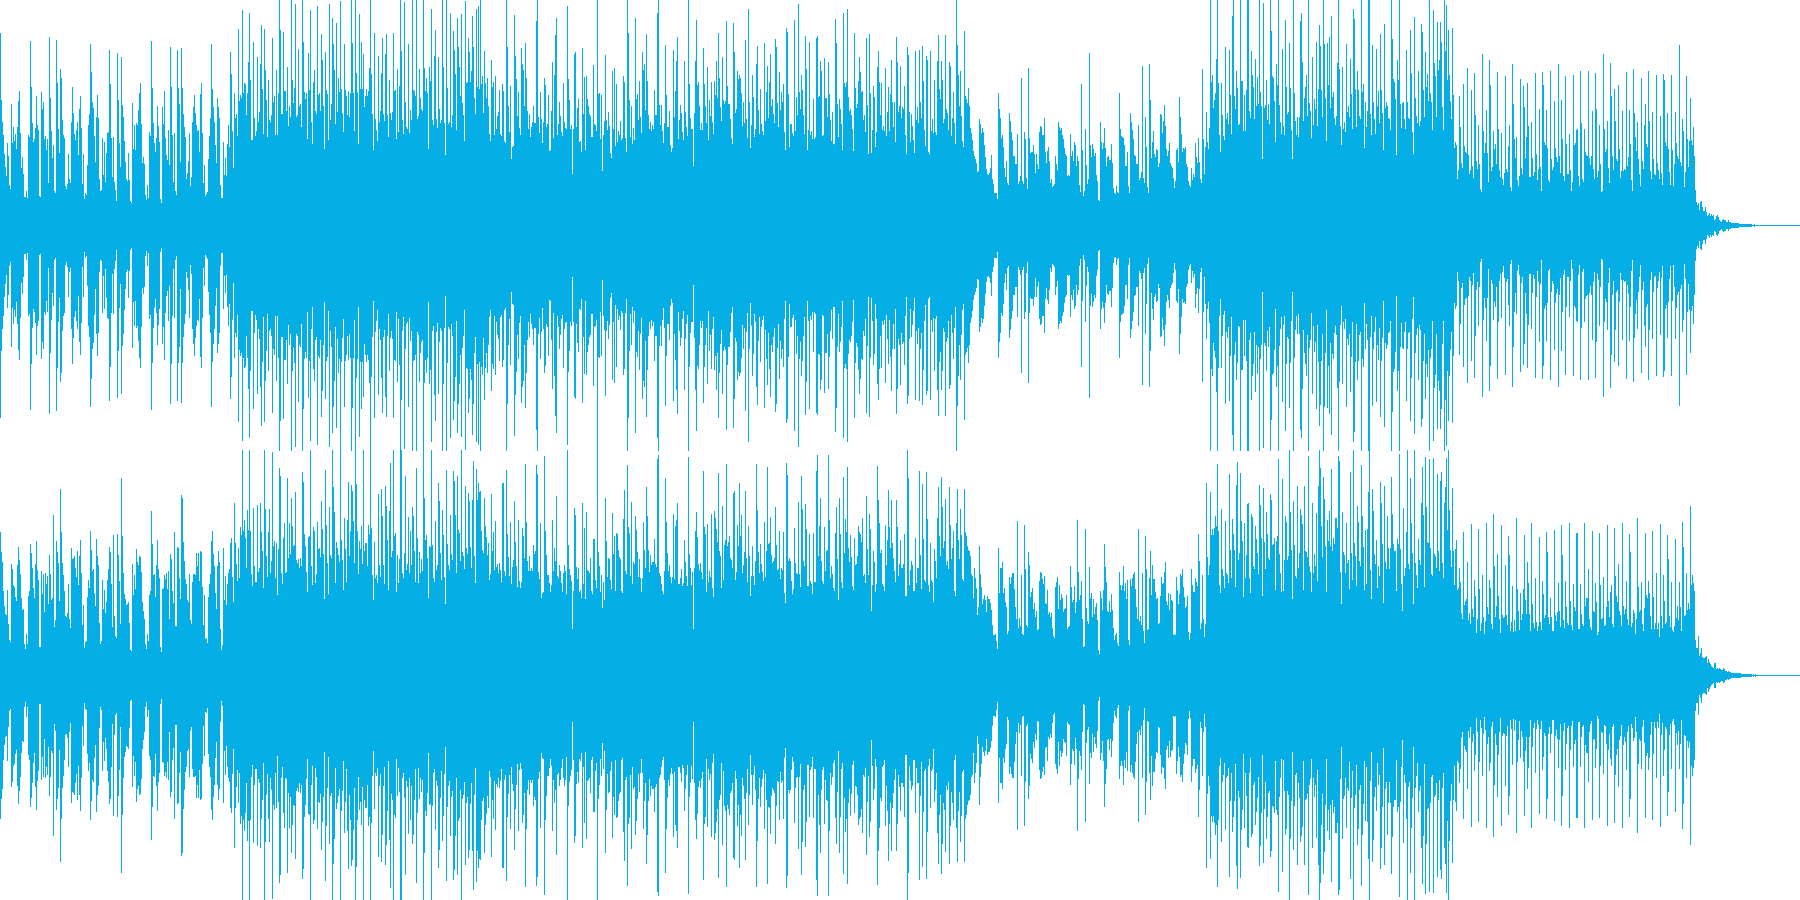 明るく心がウキウキするポップス曲の再生済みの波形